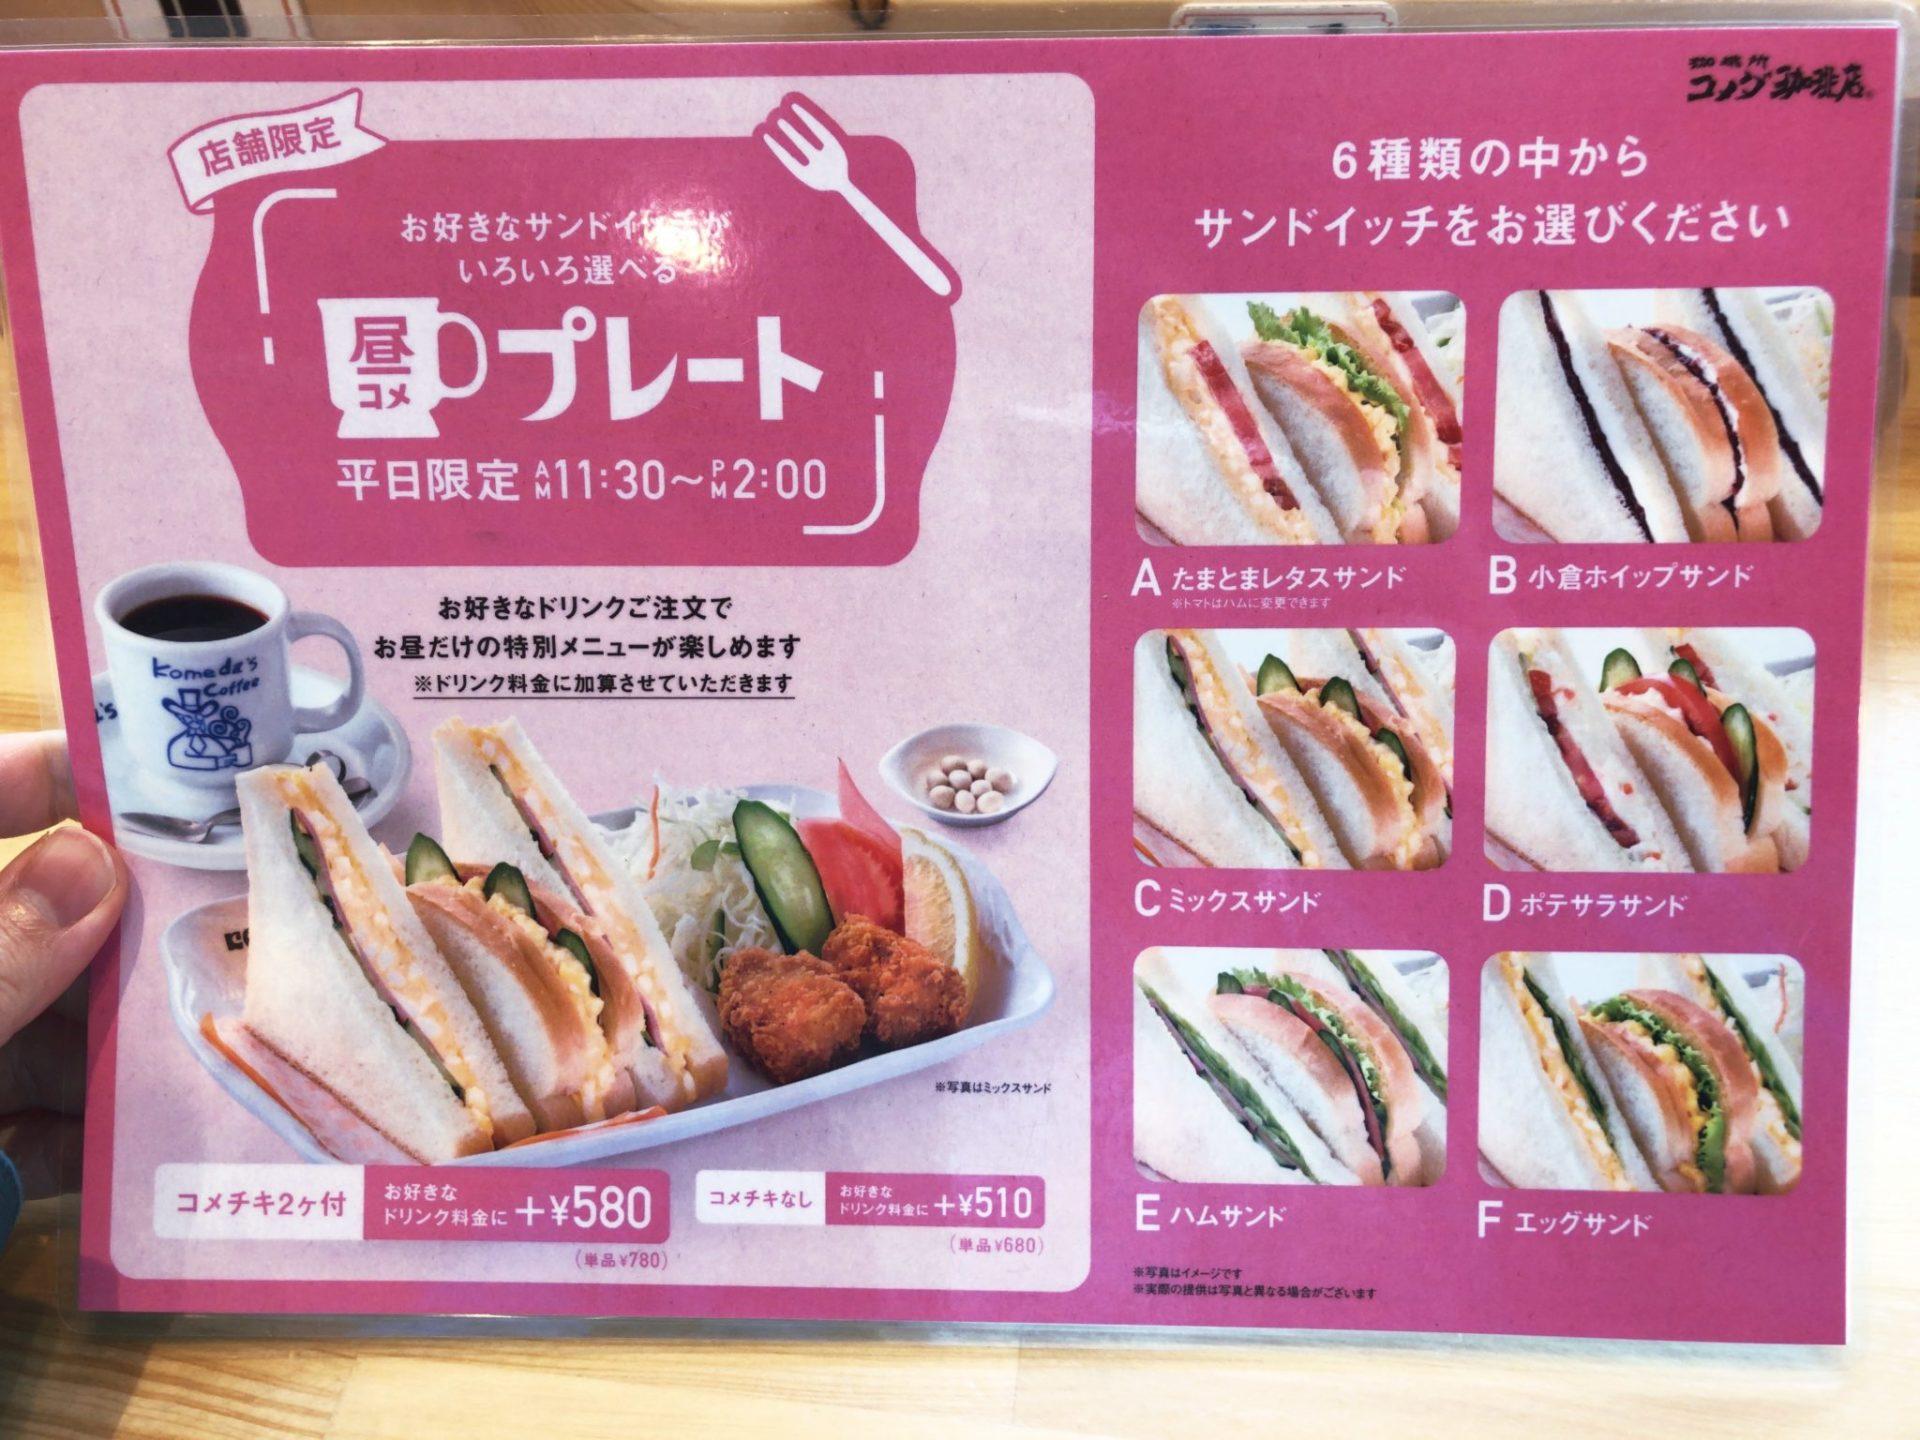 コメダ珈琲店 駒沢公園前店の平日ランチメニュー